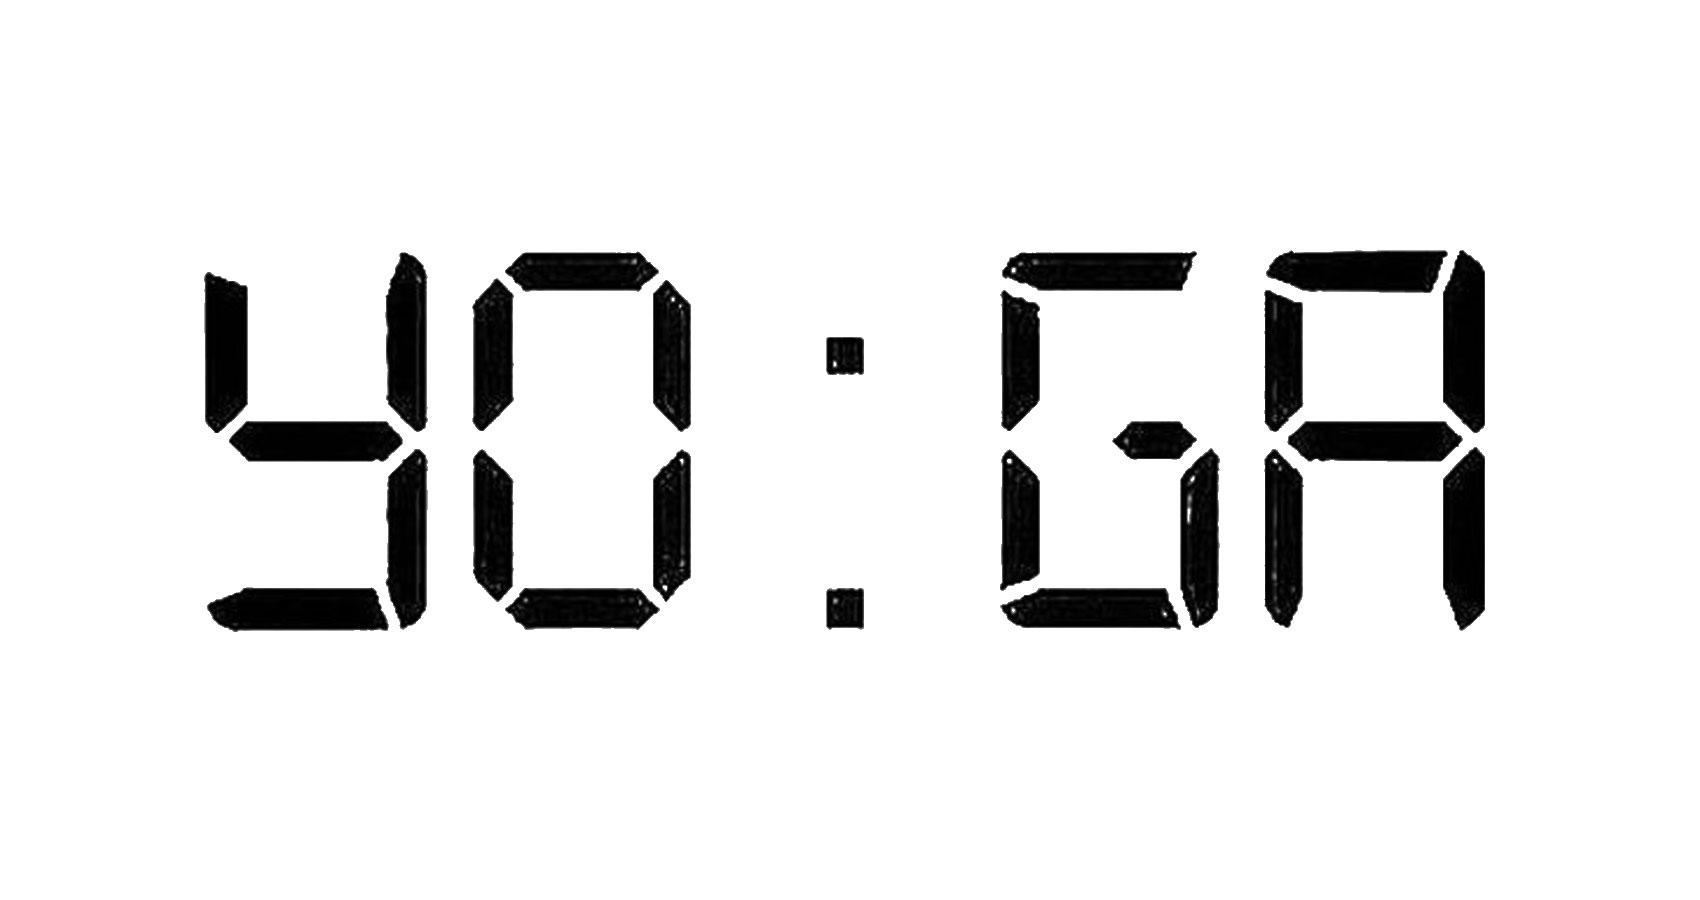 Thursday, 7:33 p.m. written by Robert Laird at Spillwords.com